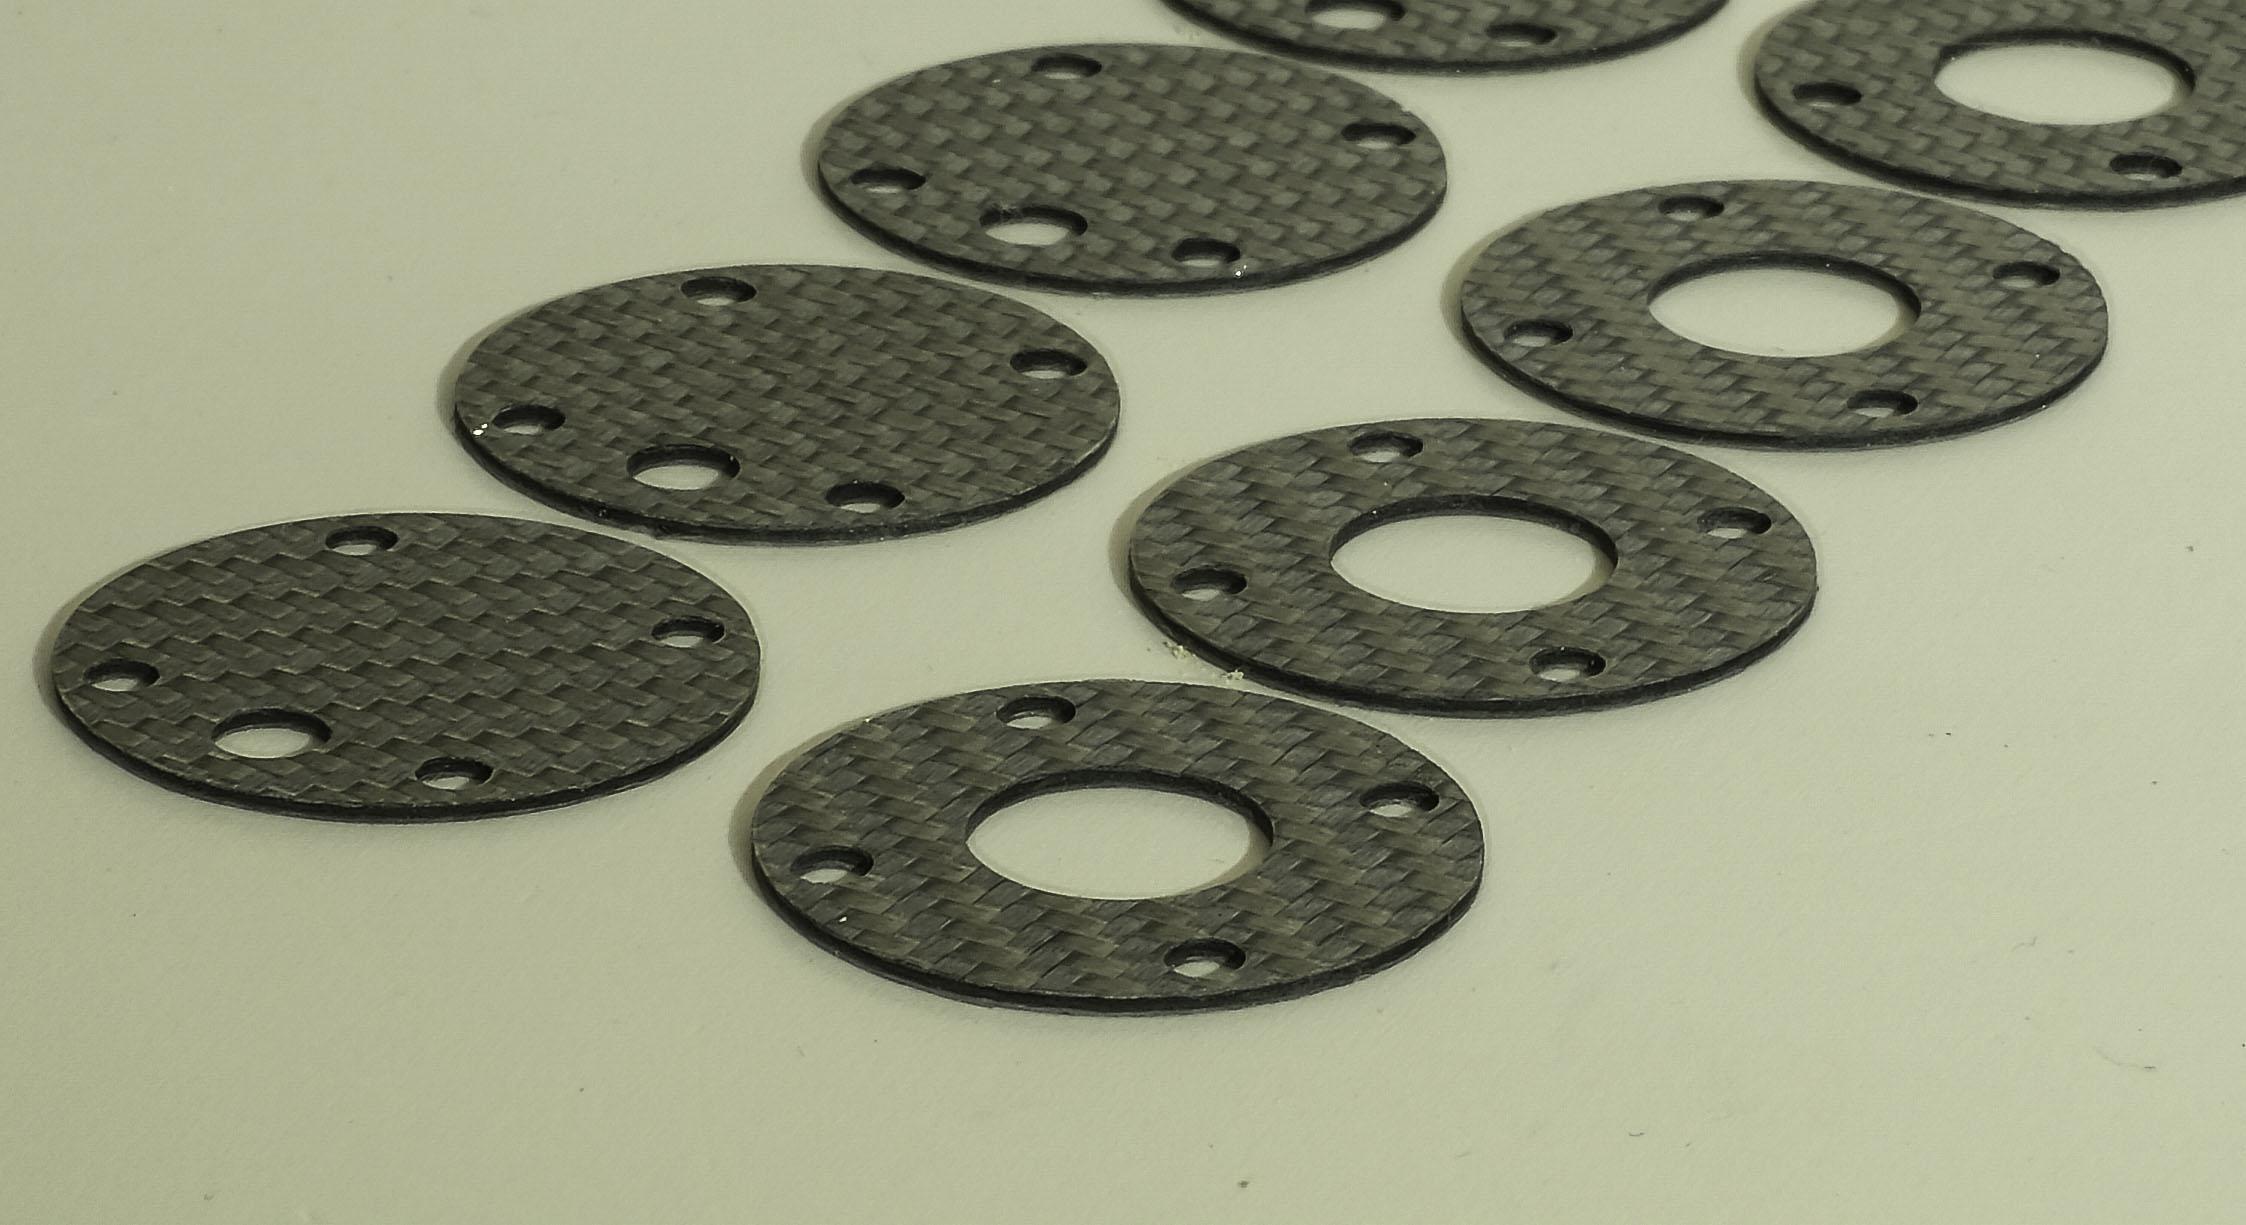 Contre-plaques supports moteurs H580